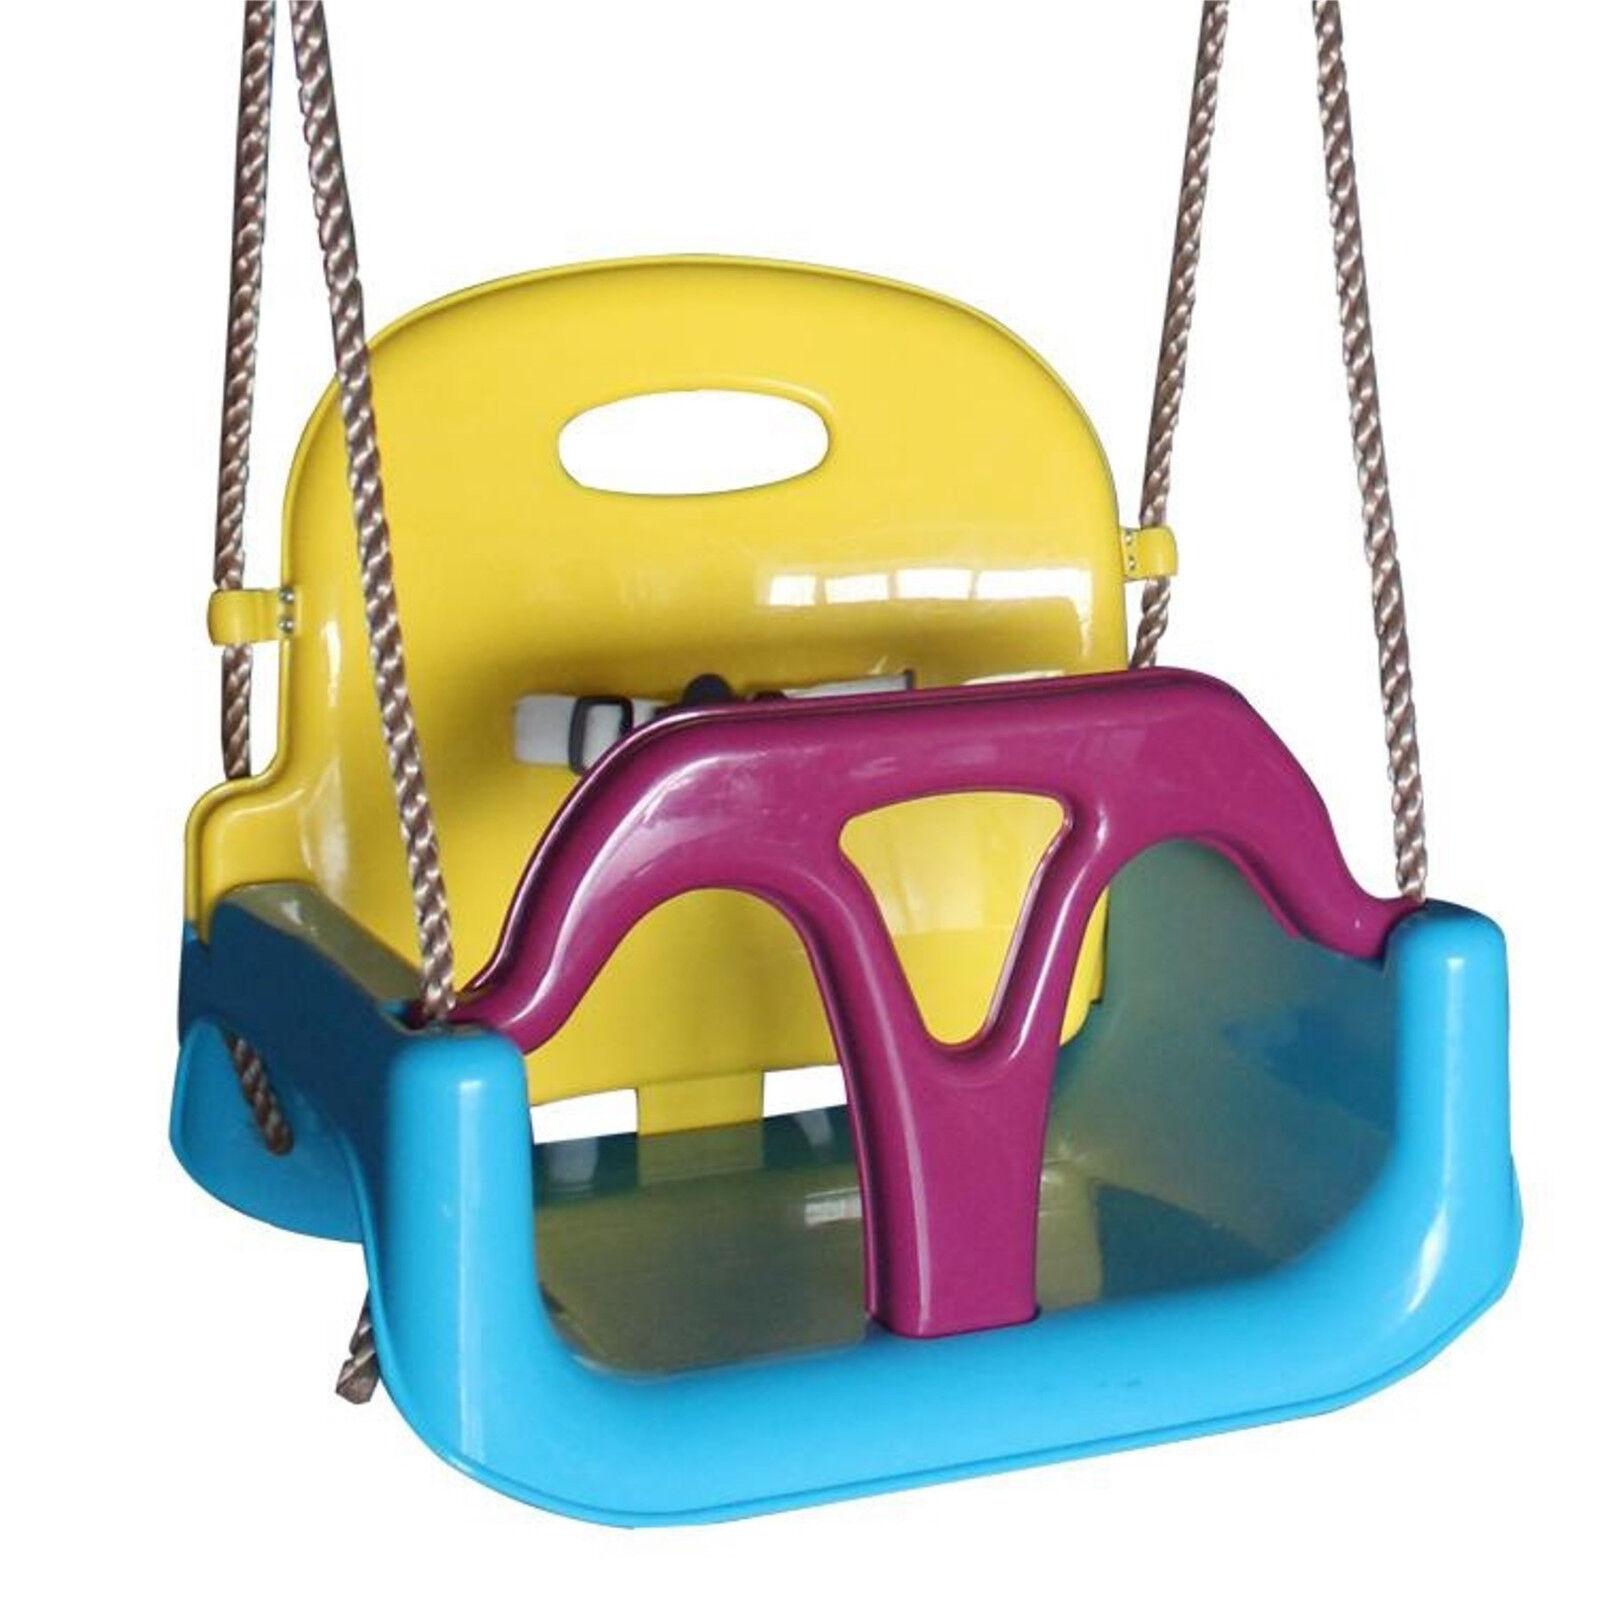 LoggyLand Babyschaukel 3 in 1 Komfort Kleinkindschaukel für Baby Schaukelsitz